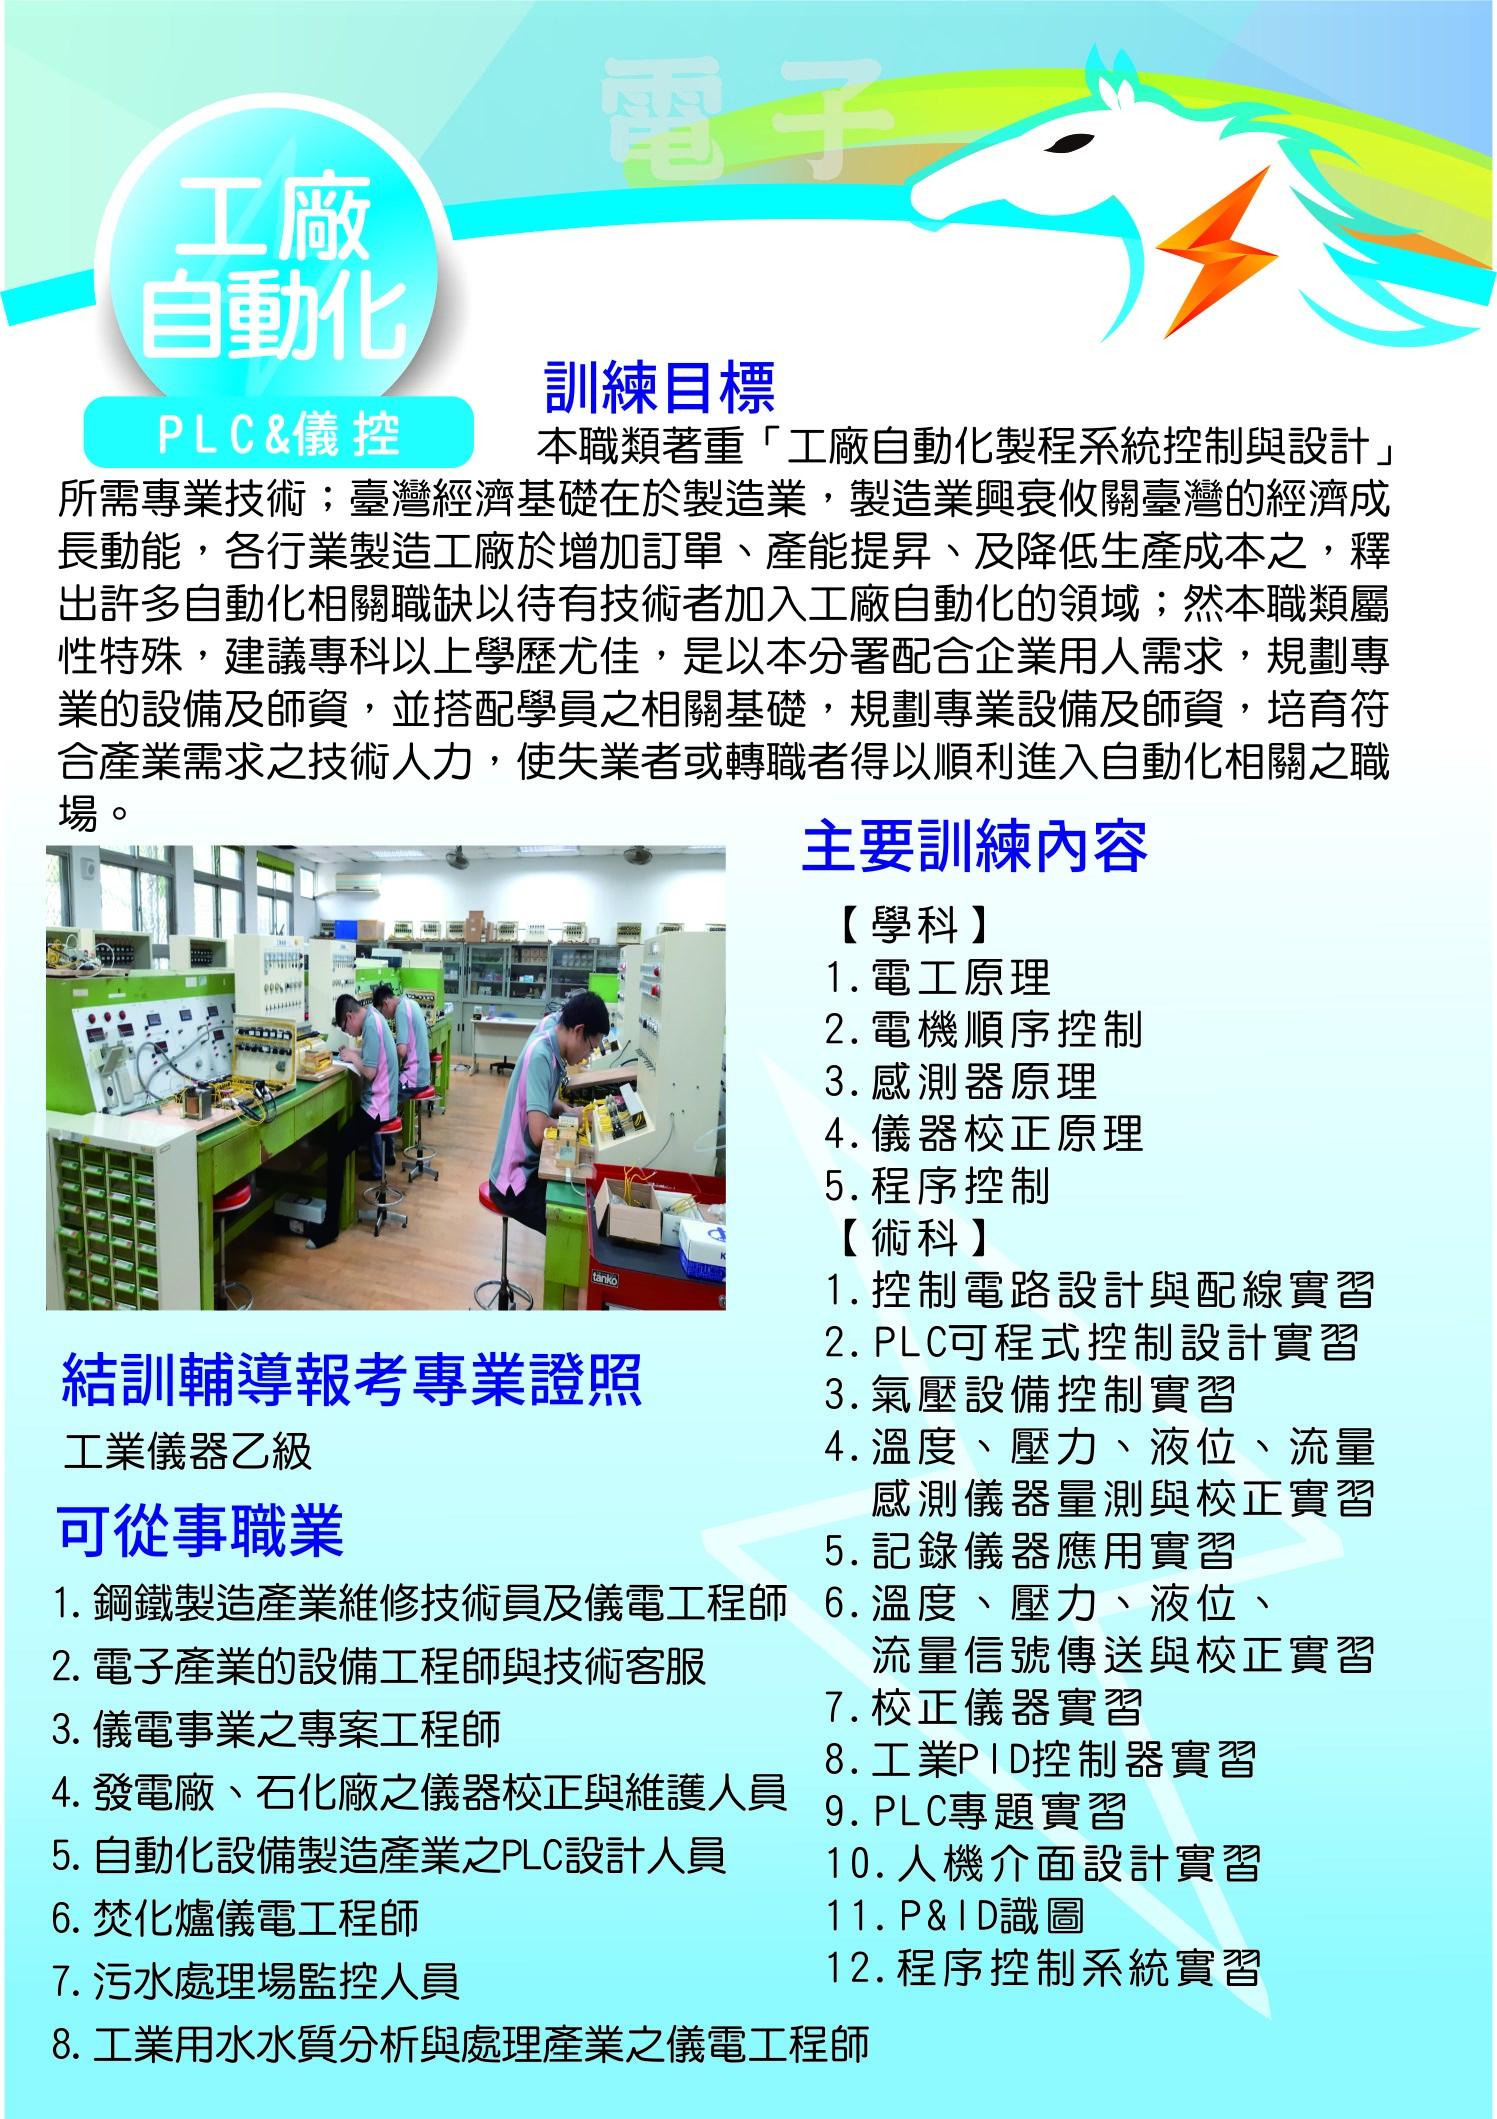 電子館工廠自動化